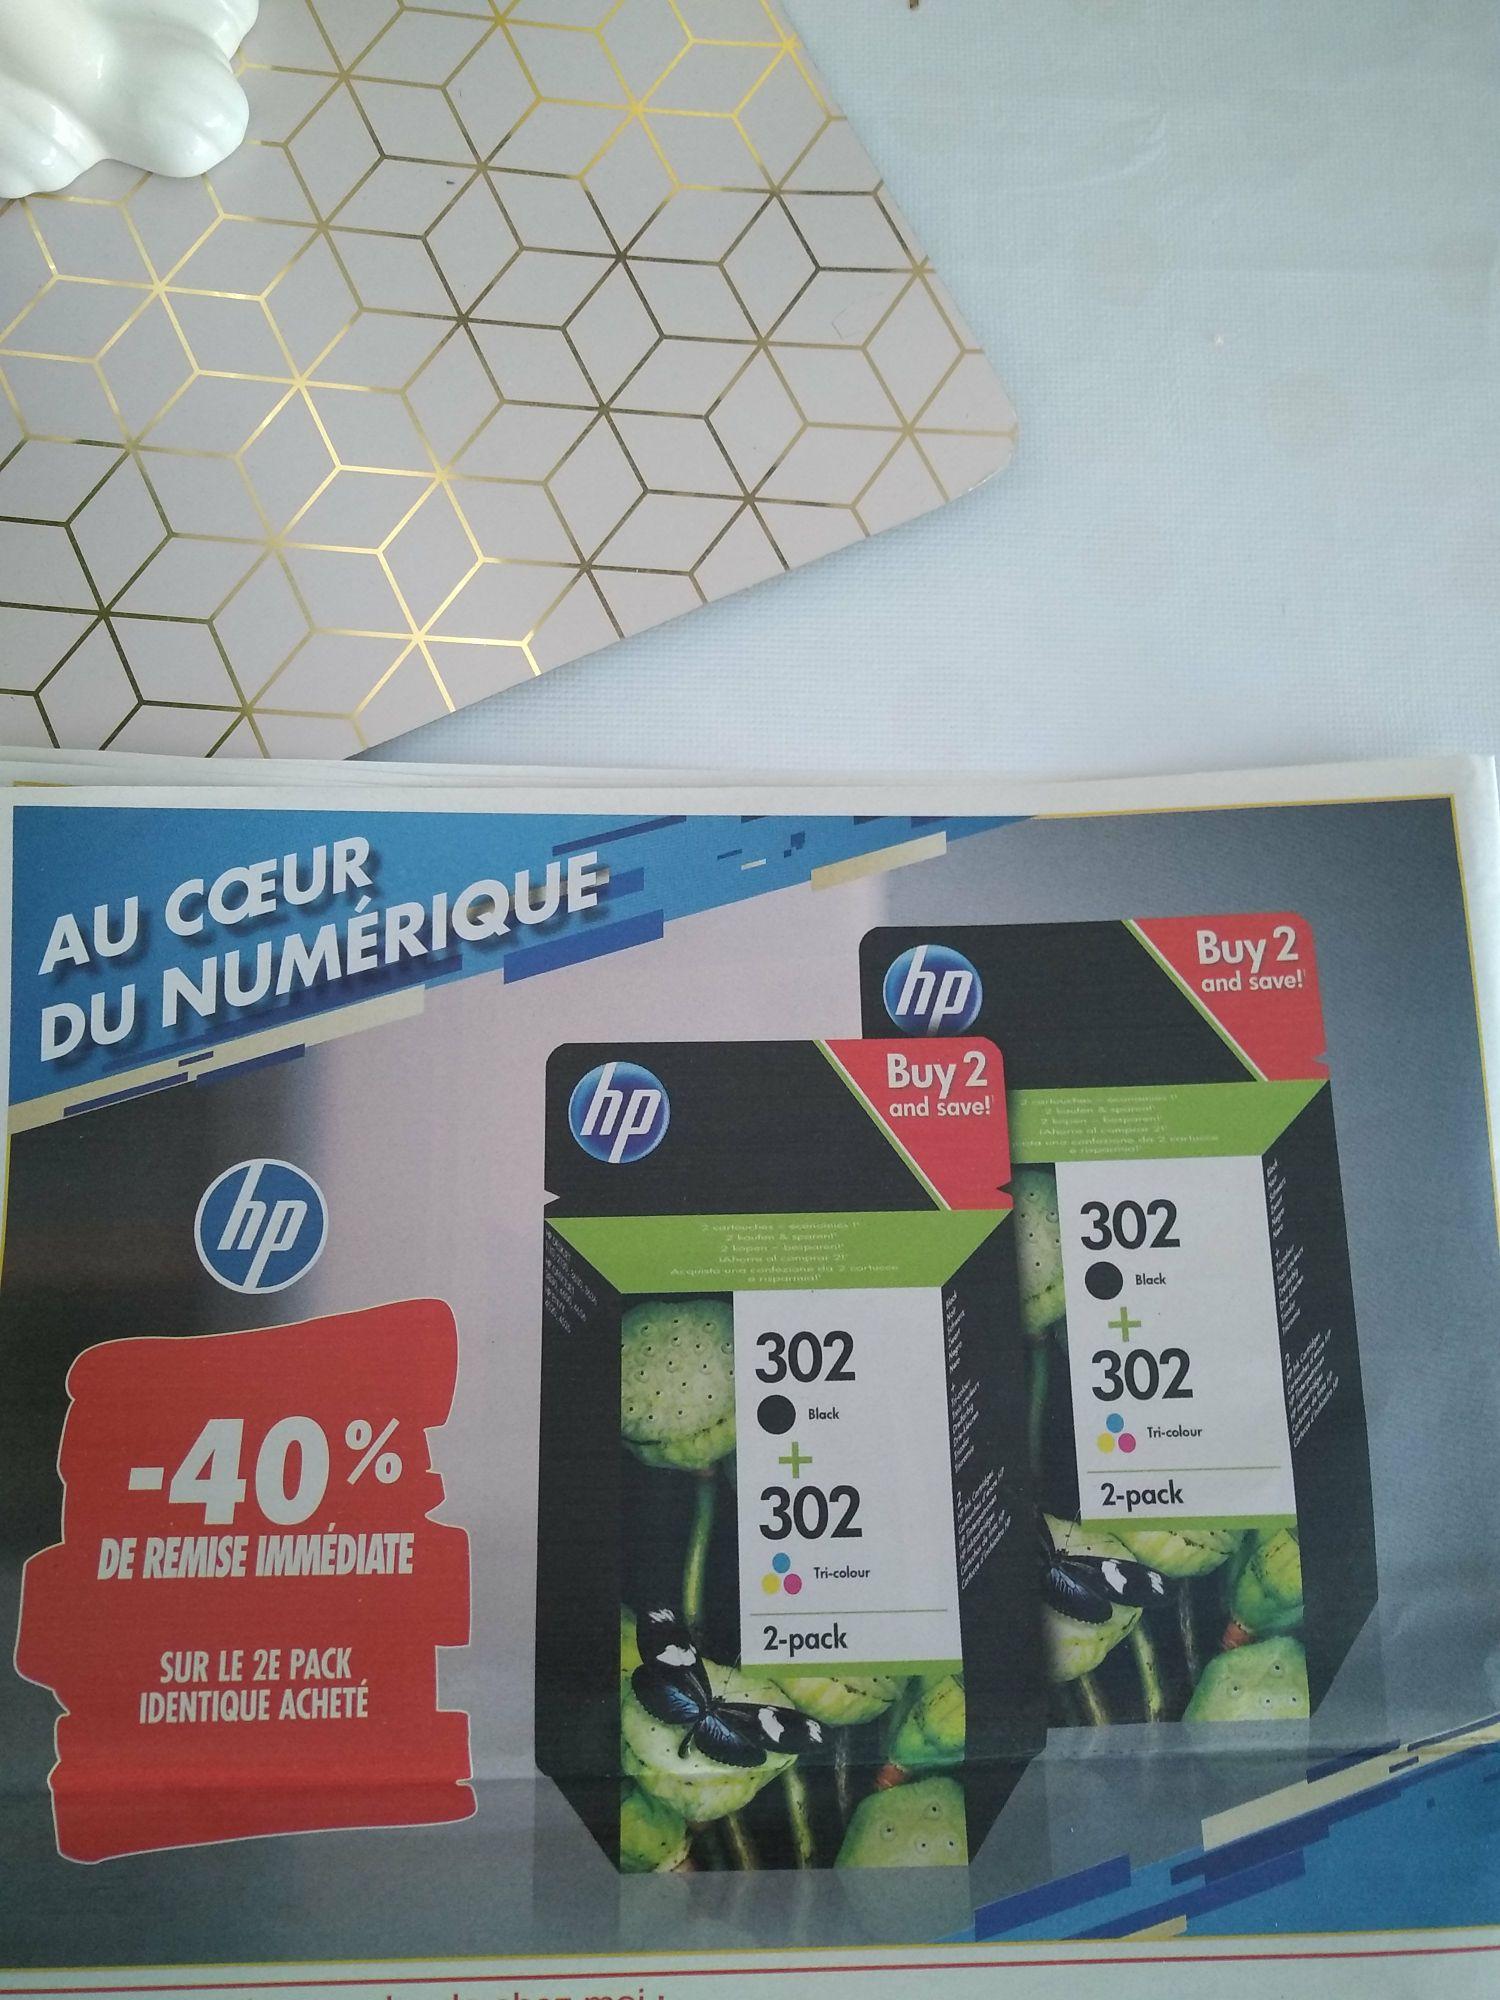 40% de réduction sur le 2ème pack encre imprimante HP identique acheté